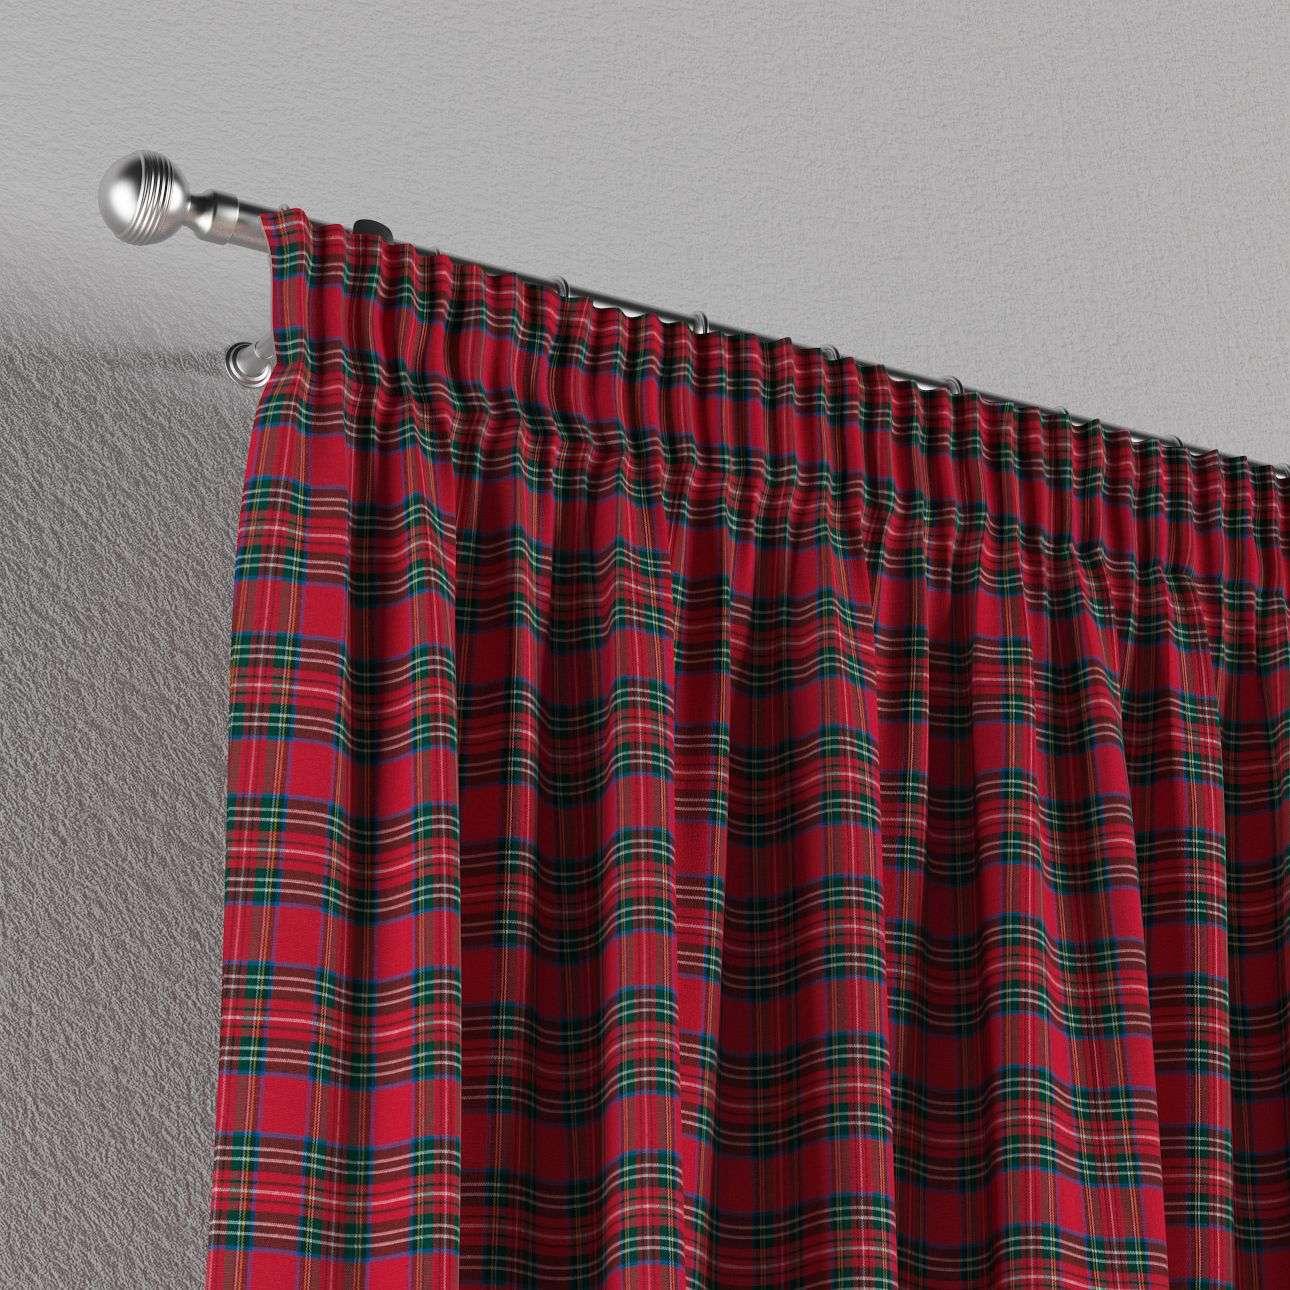 Vorhang mit Kräuselband 130 x 260 cm von der Kollektion Bristol, Stoff: 126-29